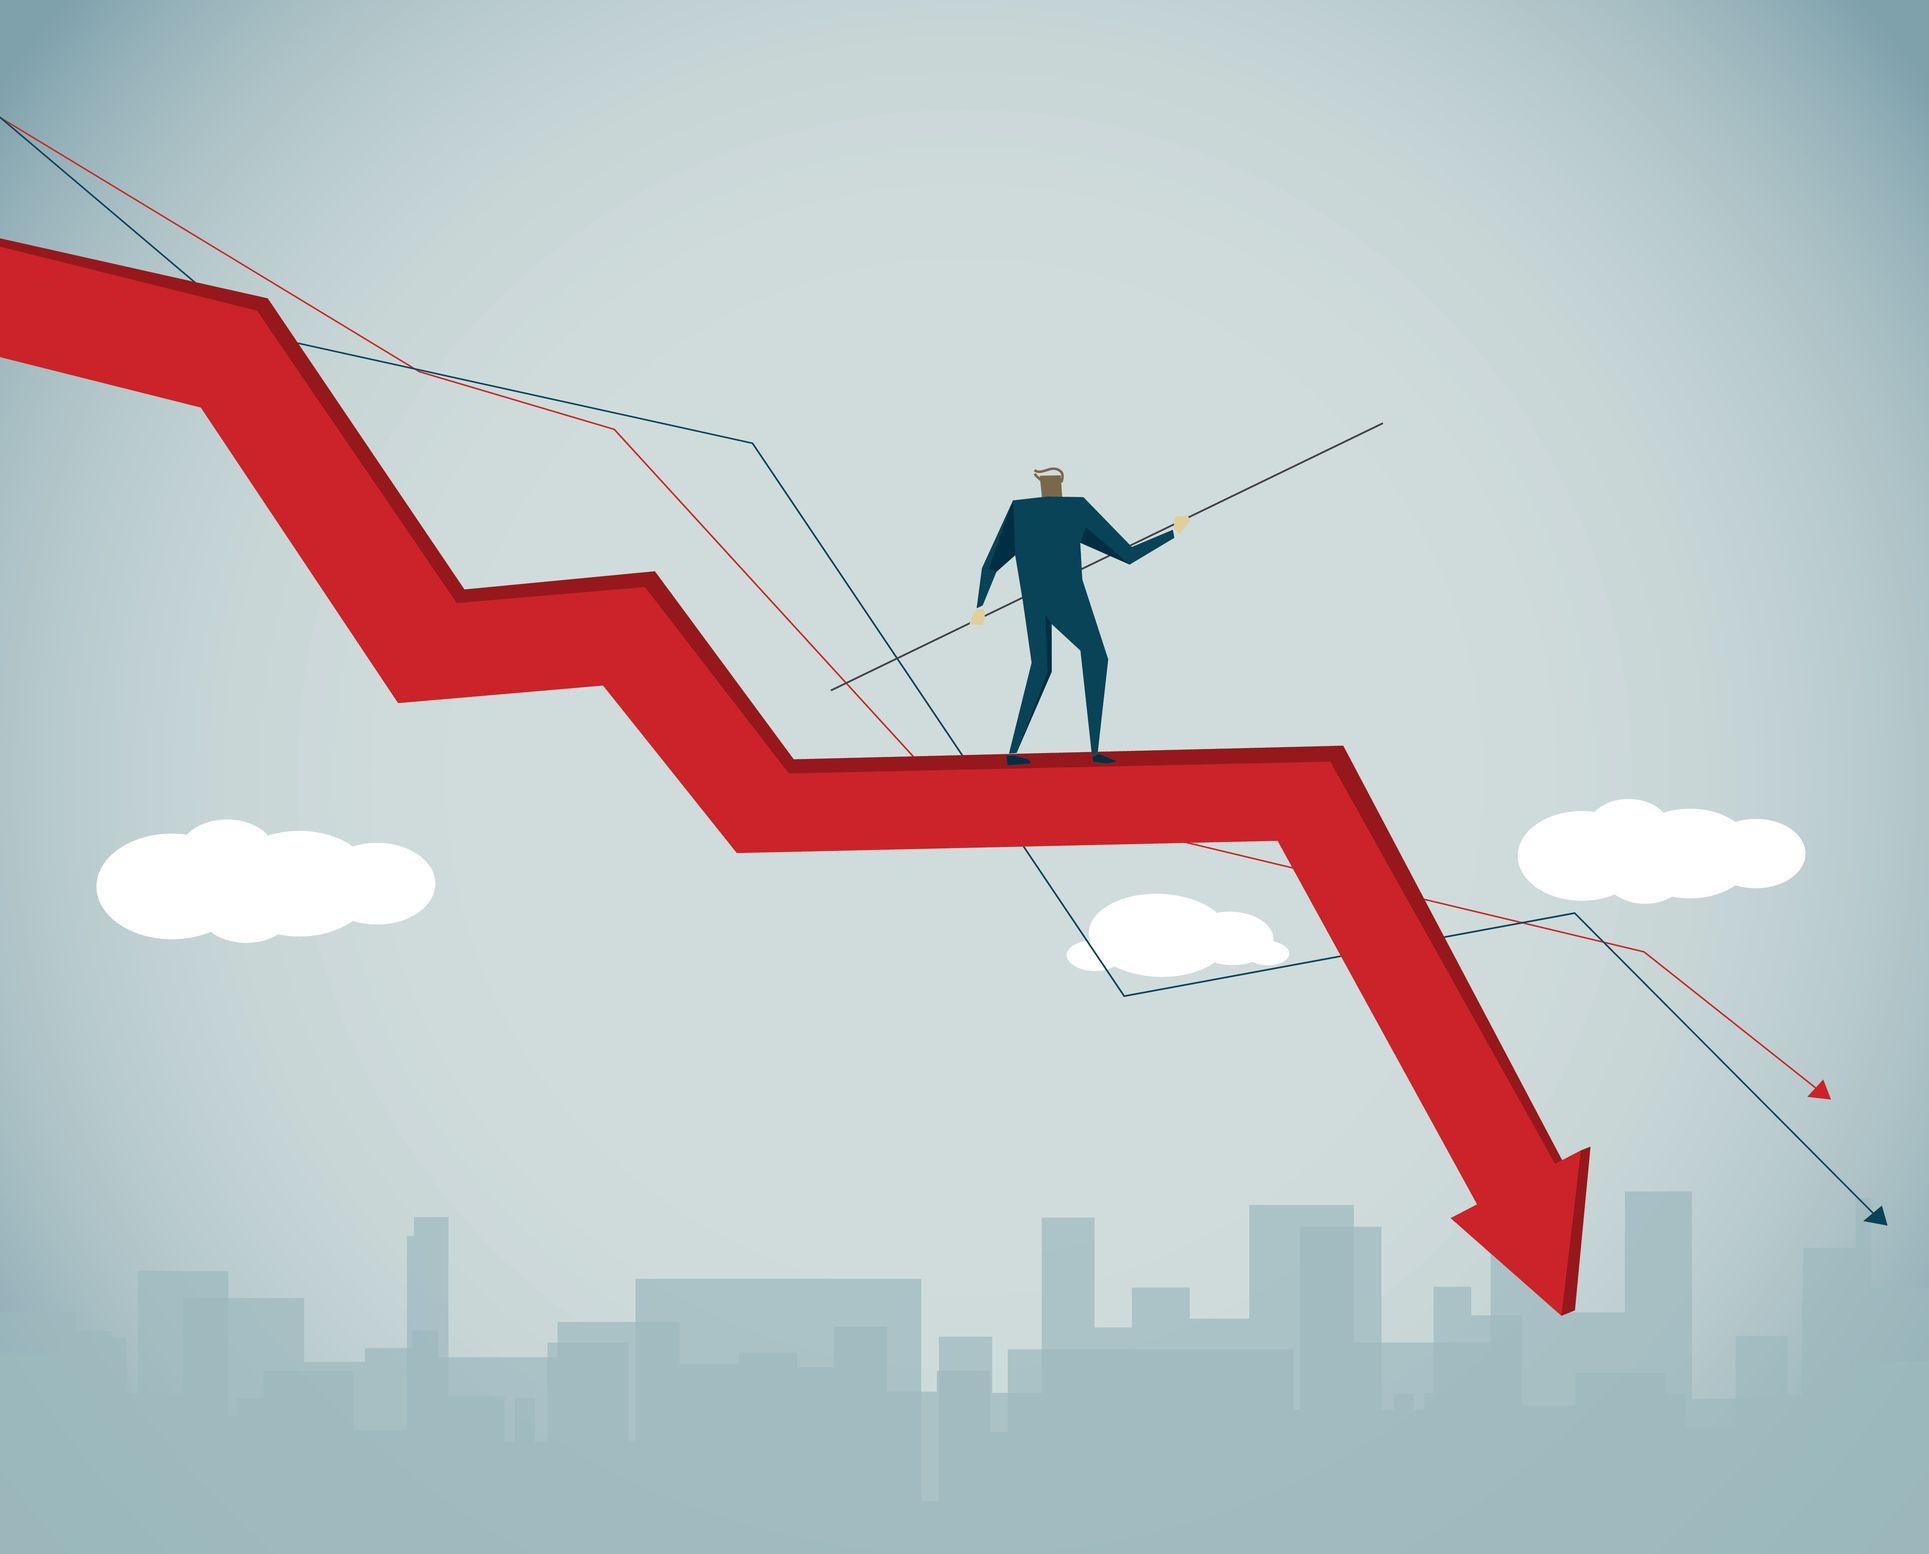 Cara Mengatasi Risiko Reksa Dana dengan Langkah Berikut!